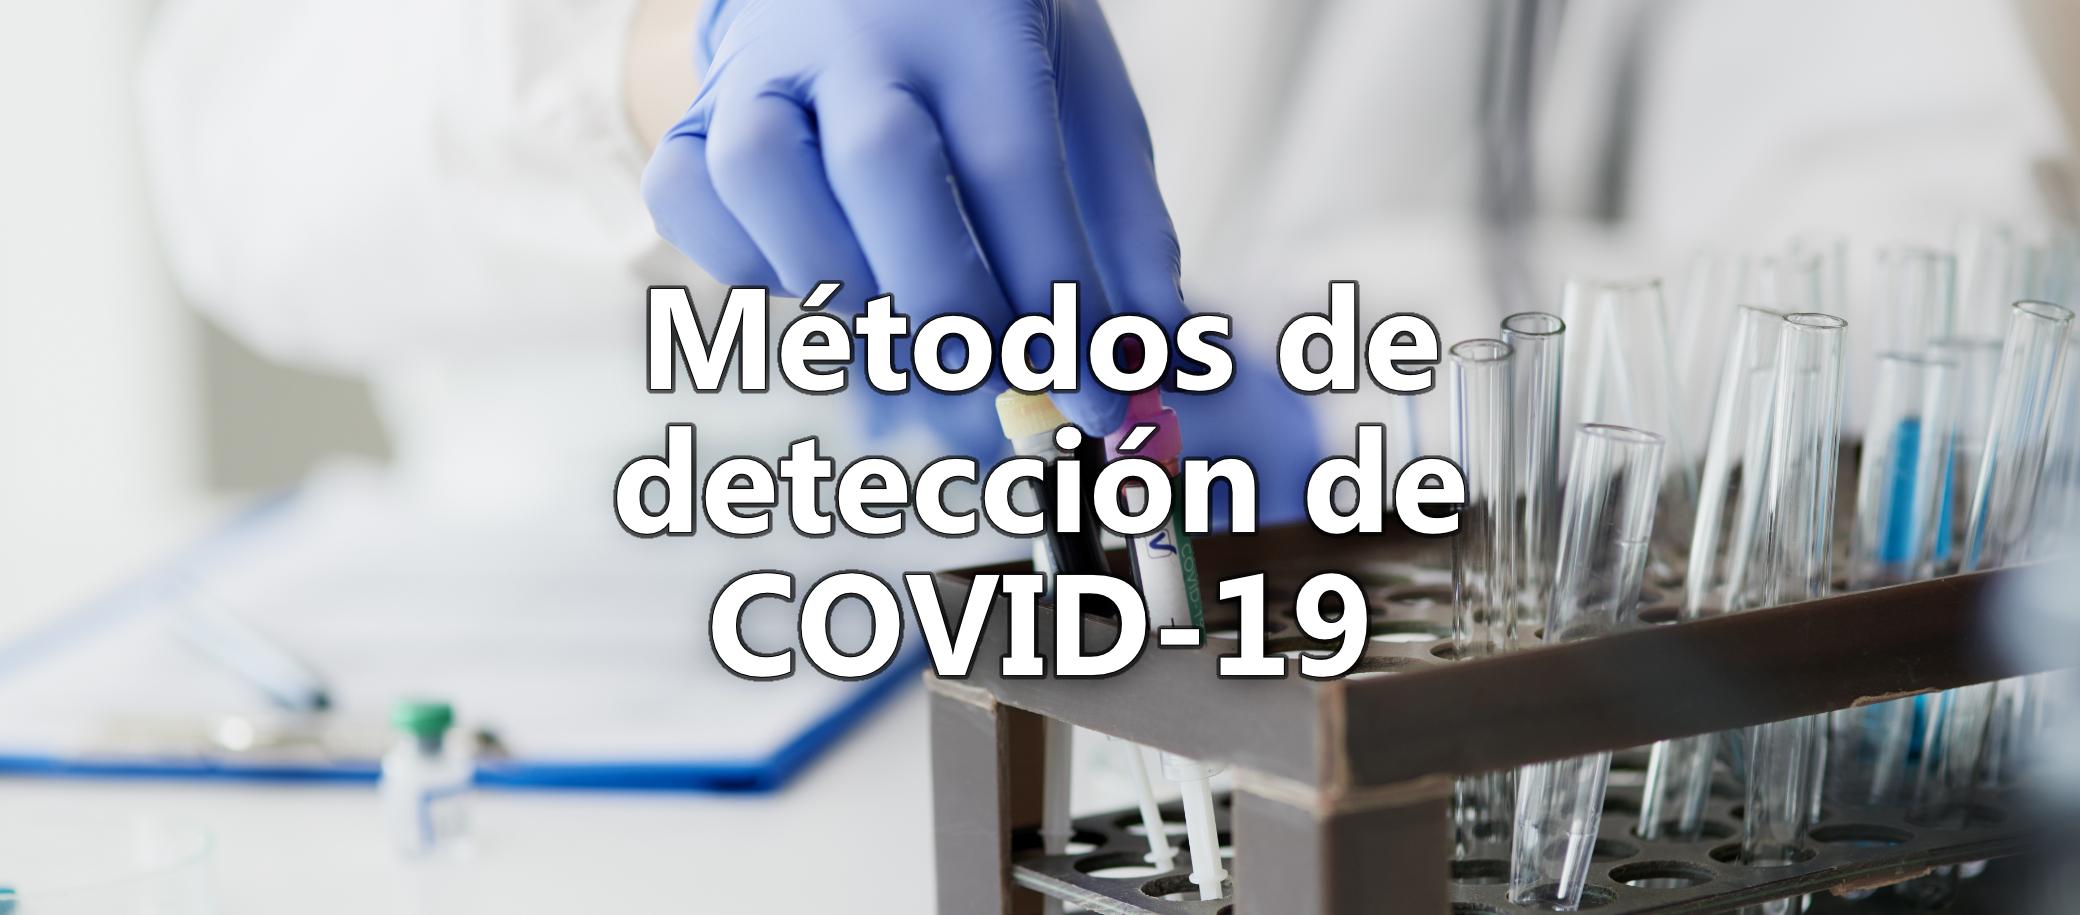 Métodos de detección de COVID-19